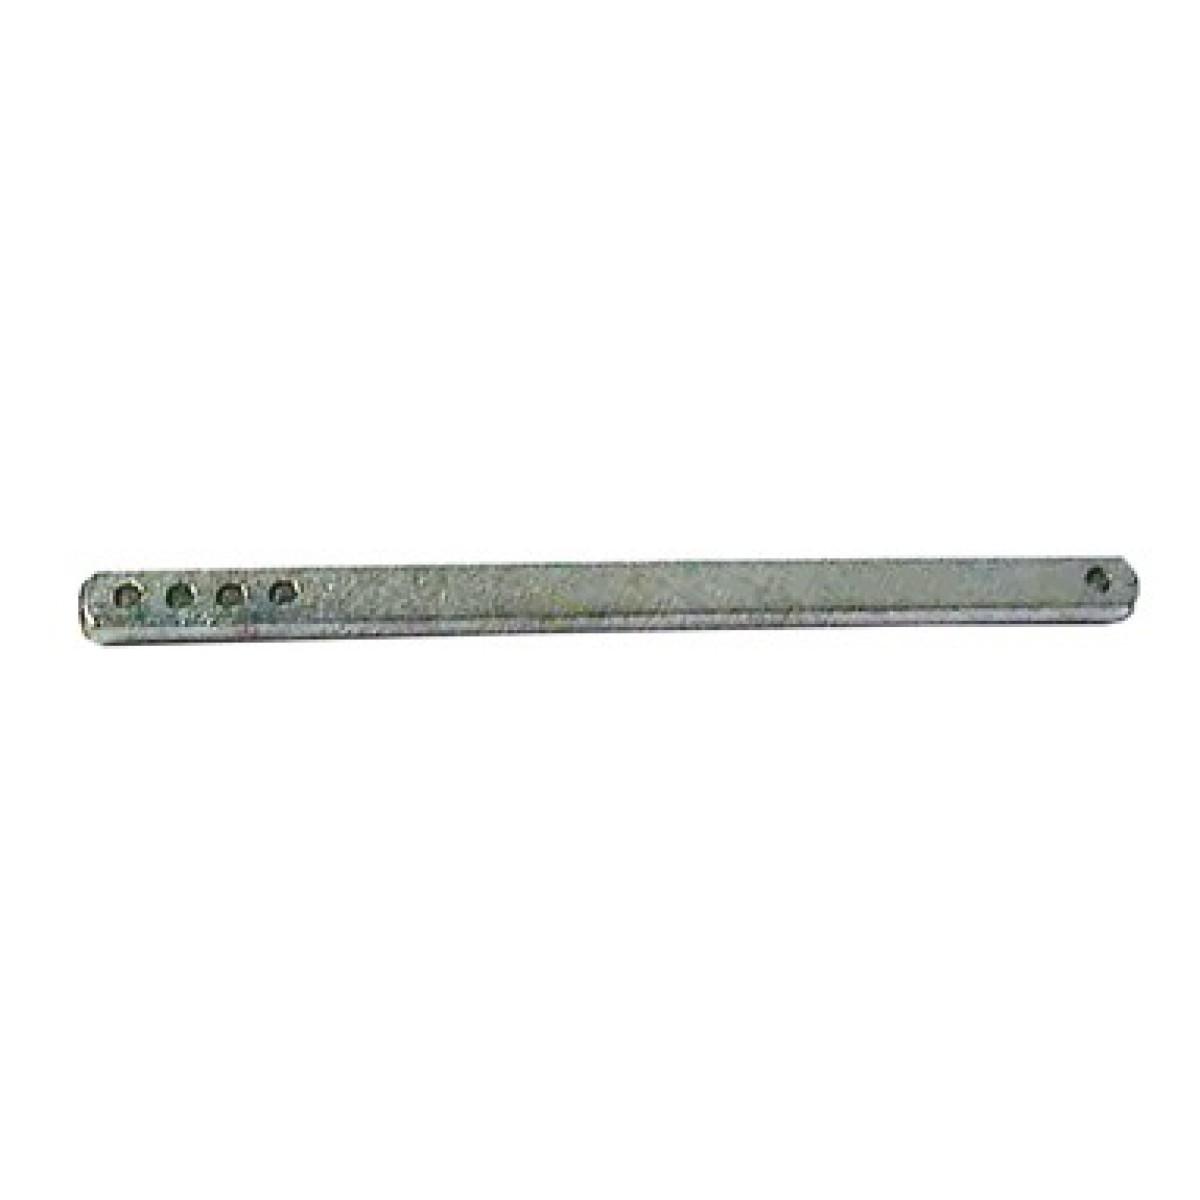 Carré seul aluminium poli Dubois industries - Carré 6 x 120 mm